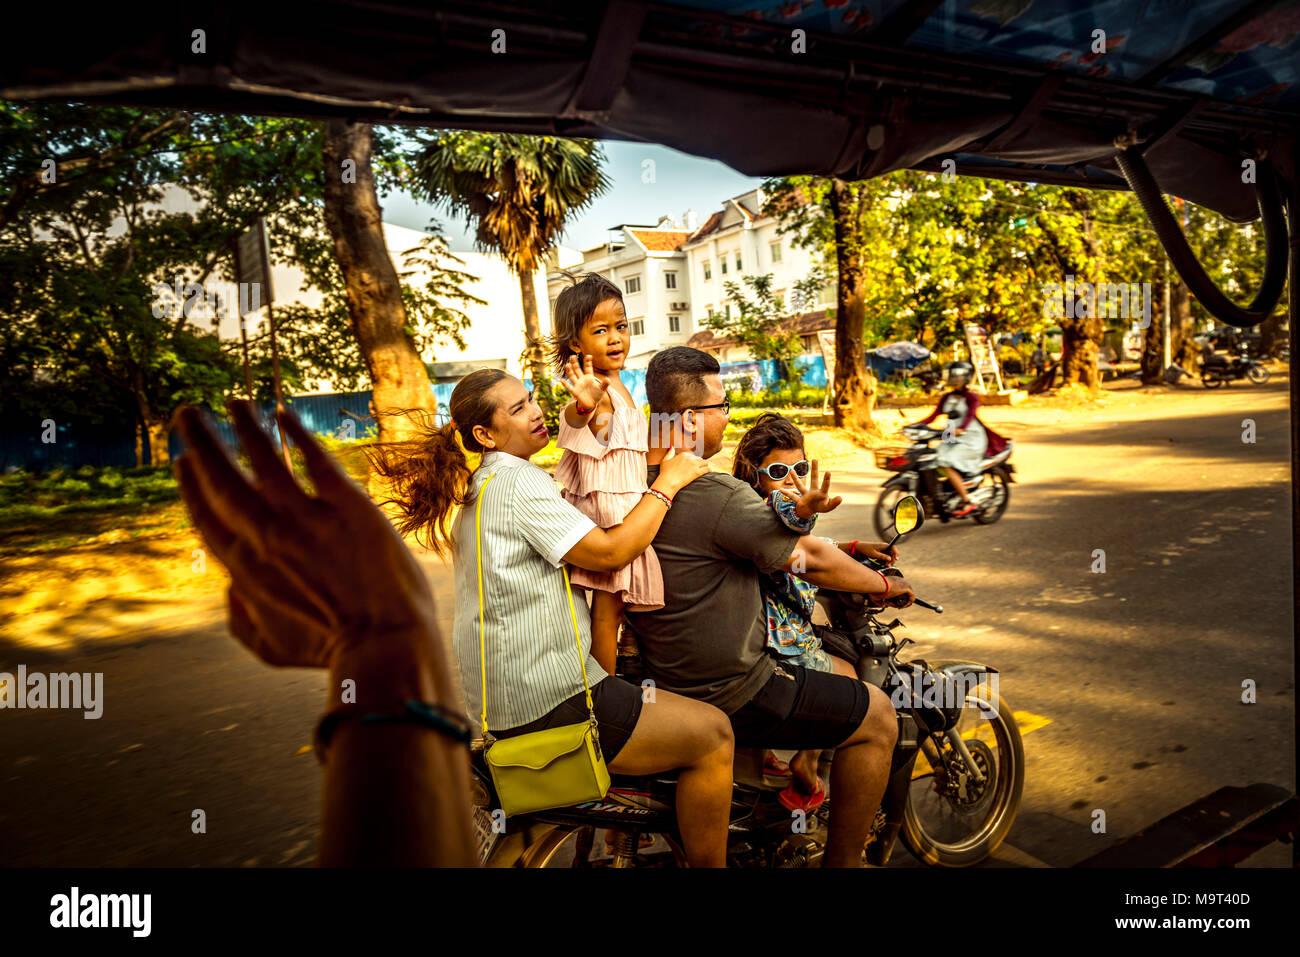 Asien, Kambodscha, Angkor Wat, Tuk Tuk - Stock Image